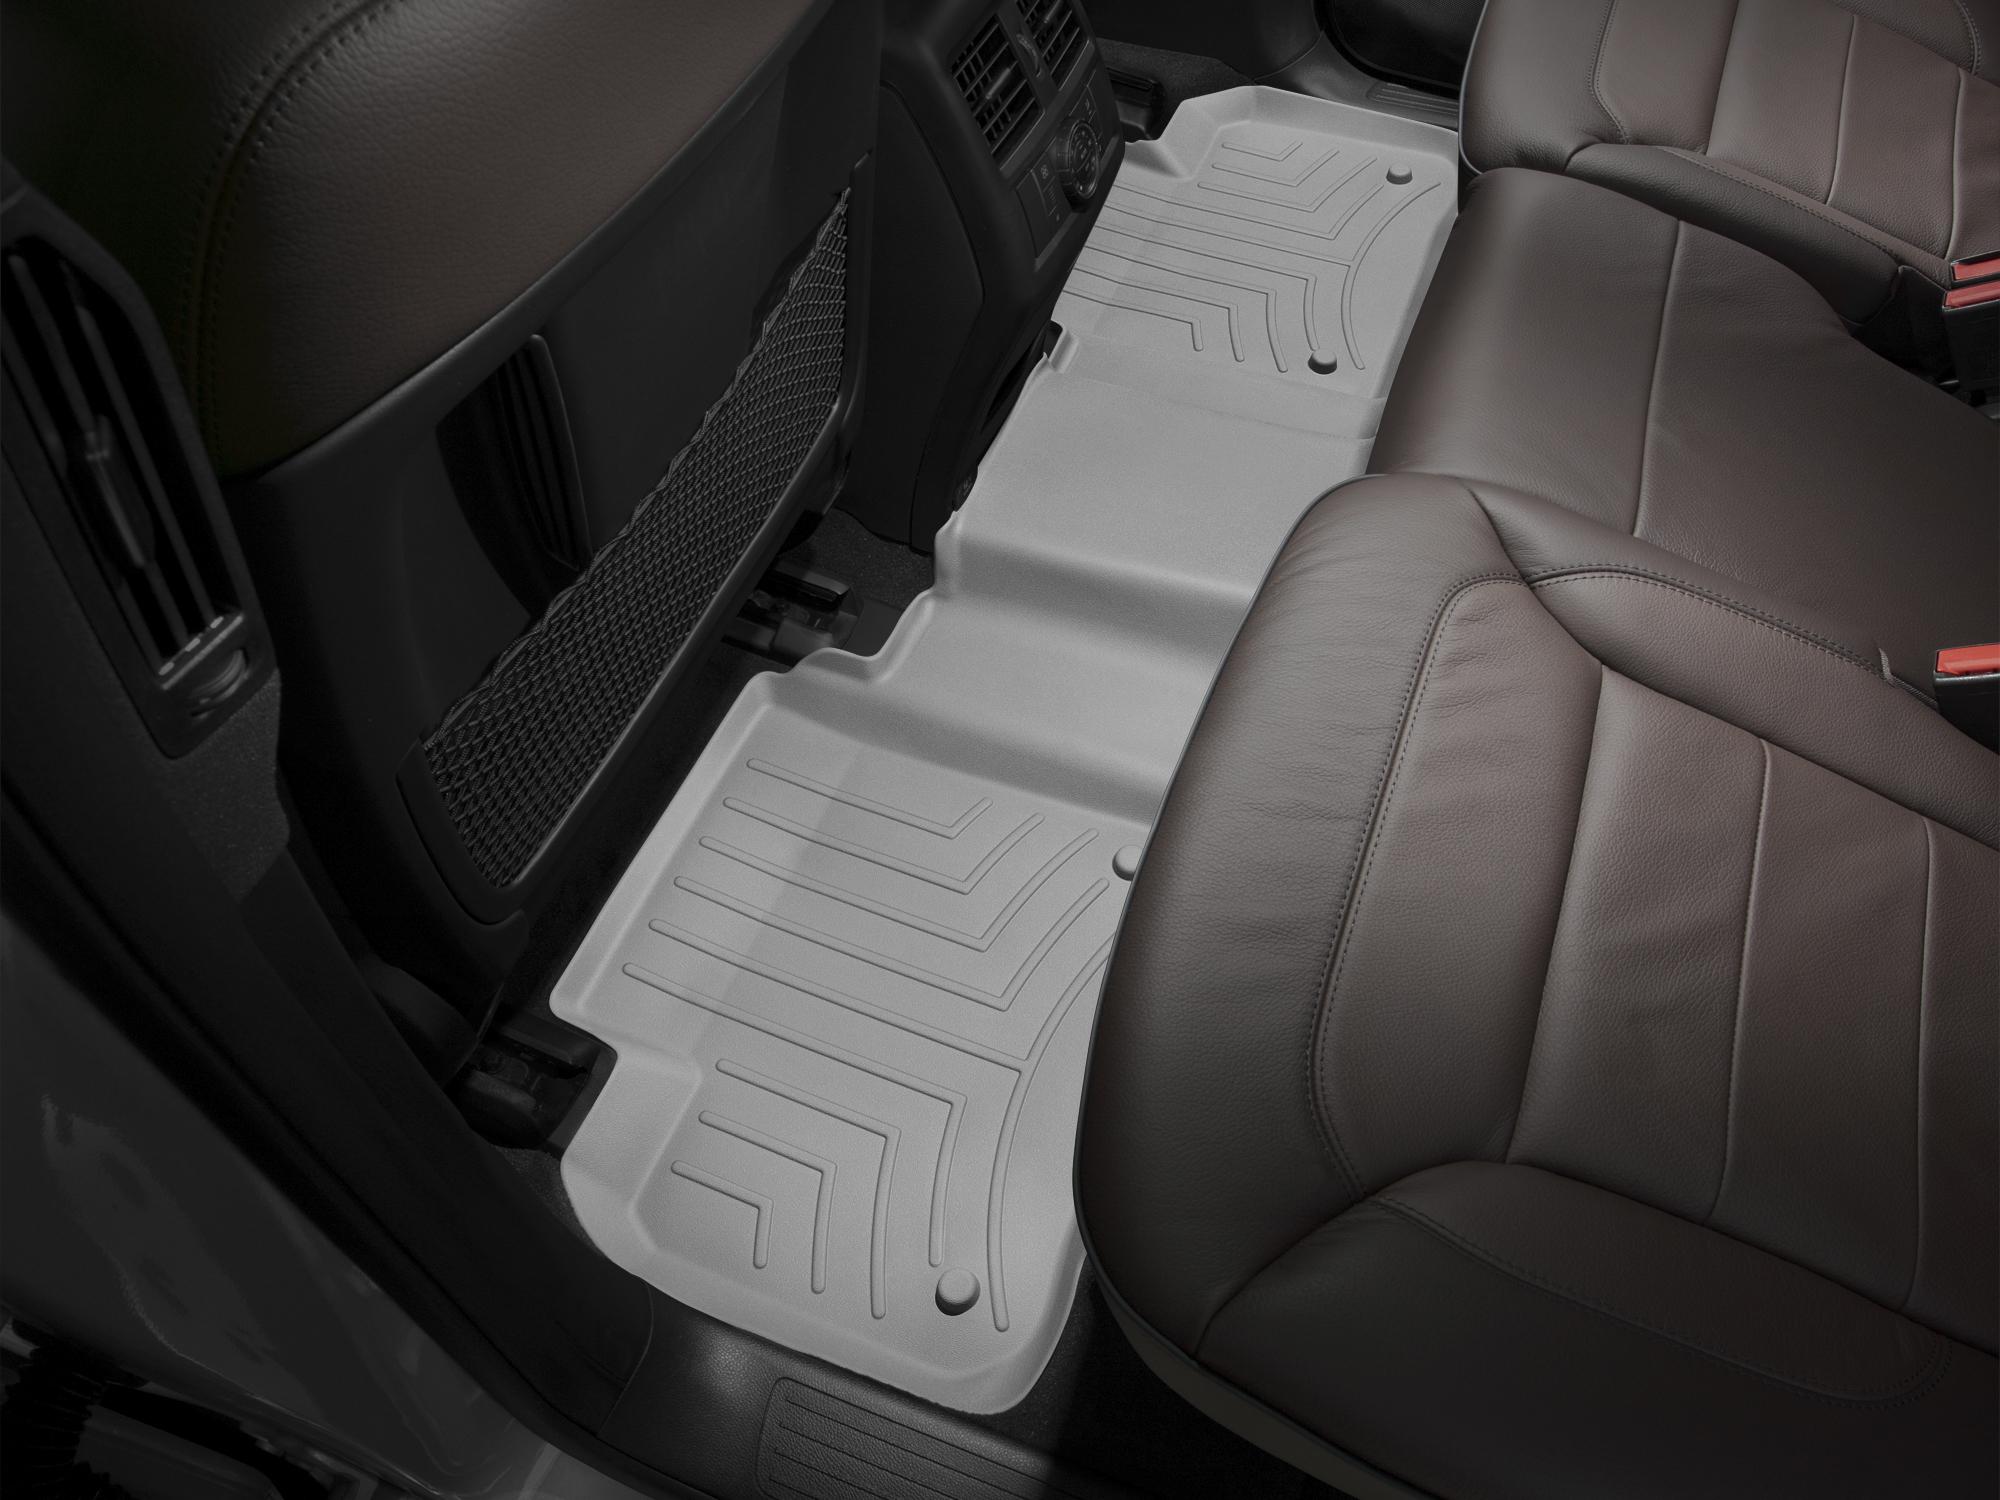 Tappeti gomma su misura bordo alto Mercedes GLS-Class 15>17 Grigio A2509